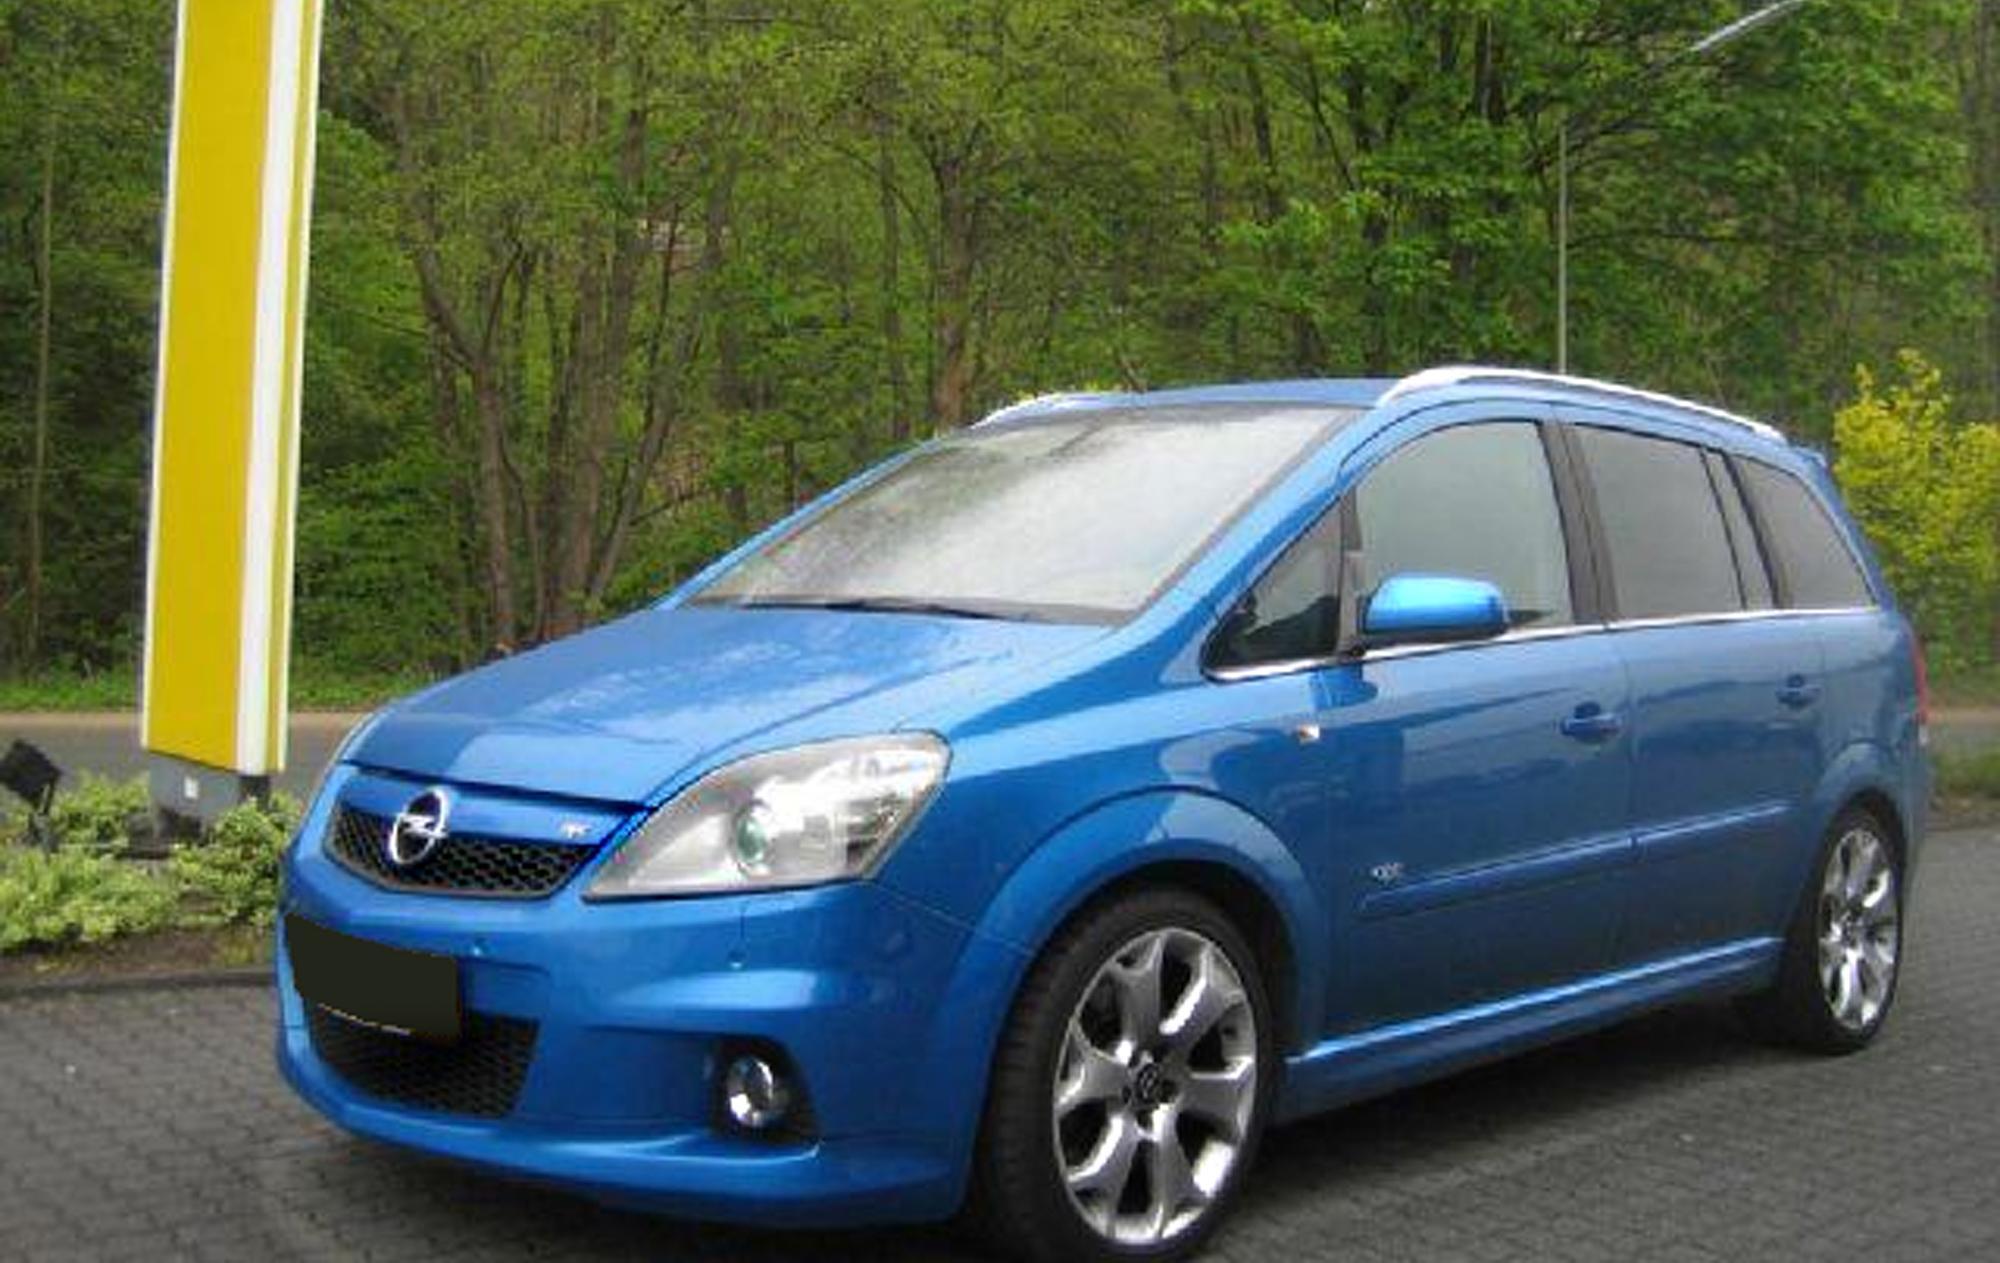 Opel Zafira OPC B 2005 - 2010 Compact MPV #3